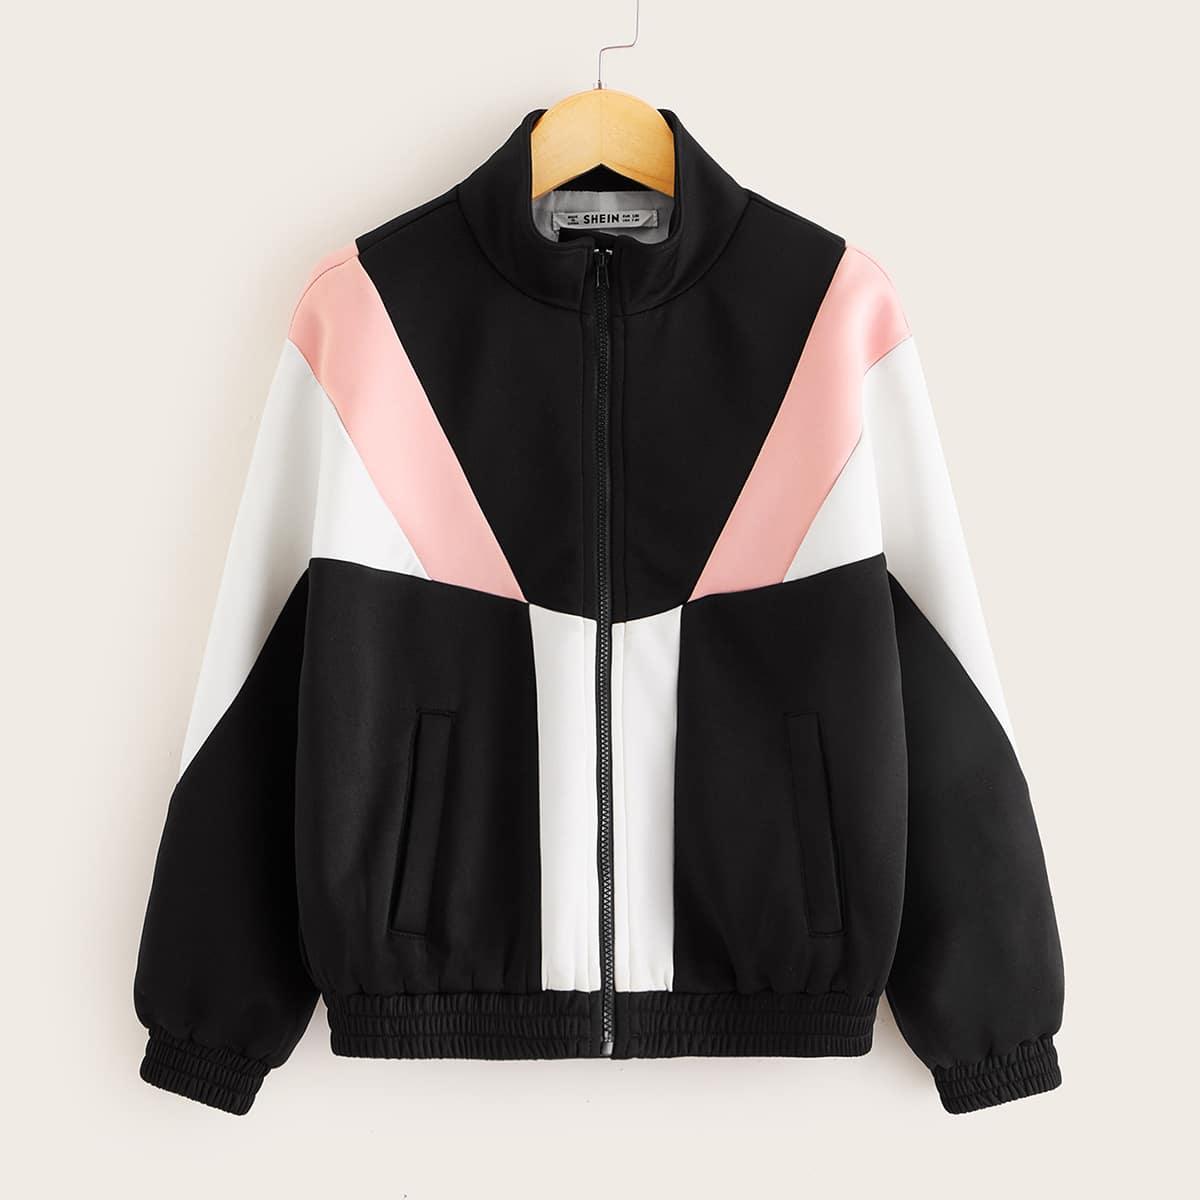 Контрастная куртка с молнией для девочек от SHEIN